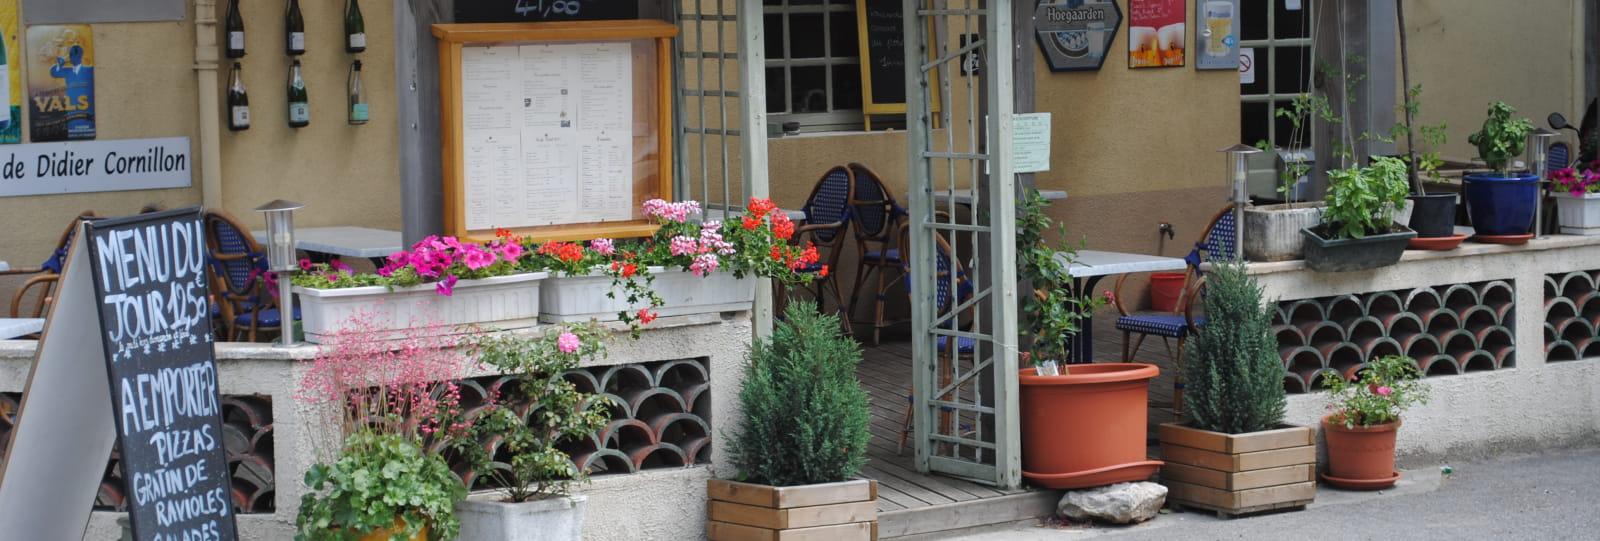 Restaurant Auberge de l'Eau Vive